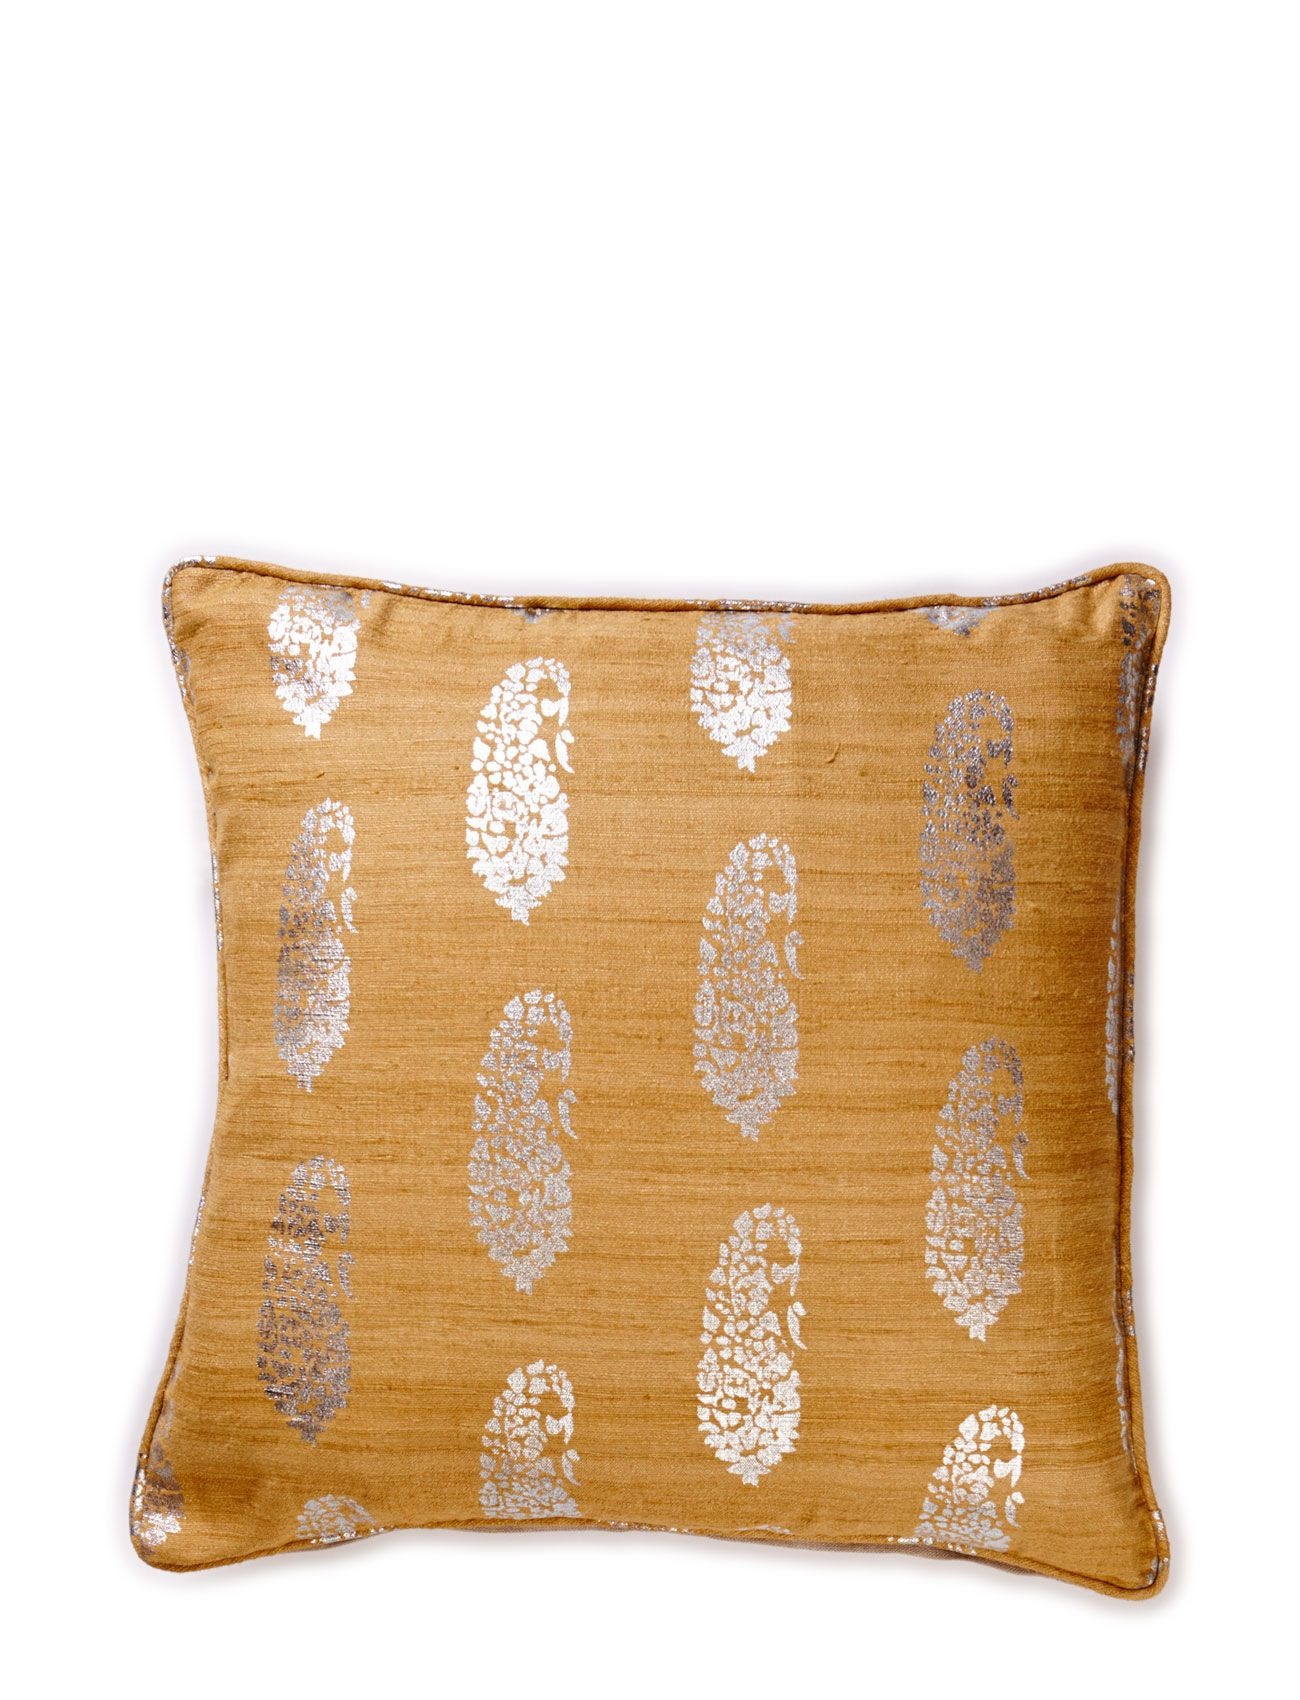 Silk and linen pillow cover pillow talk pinterest pillows